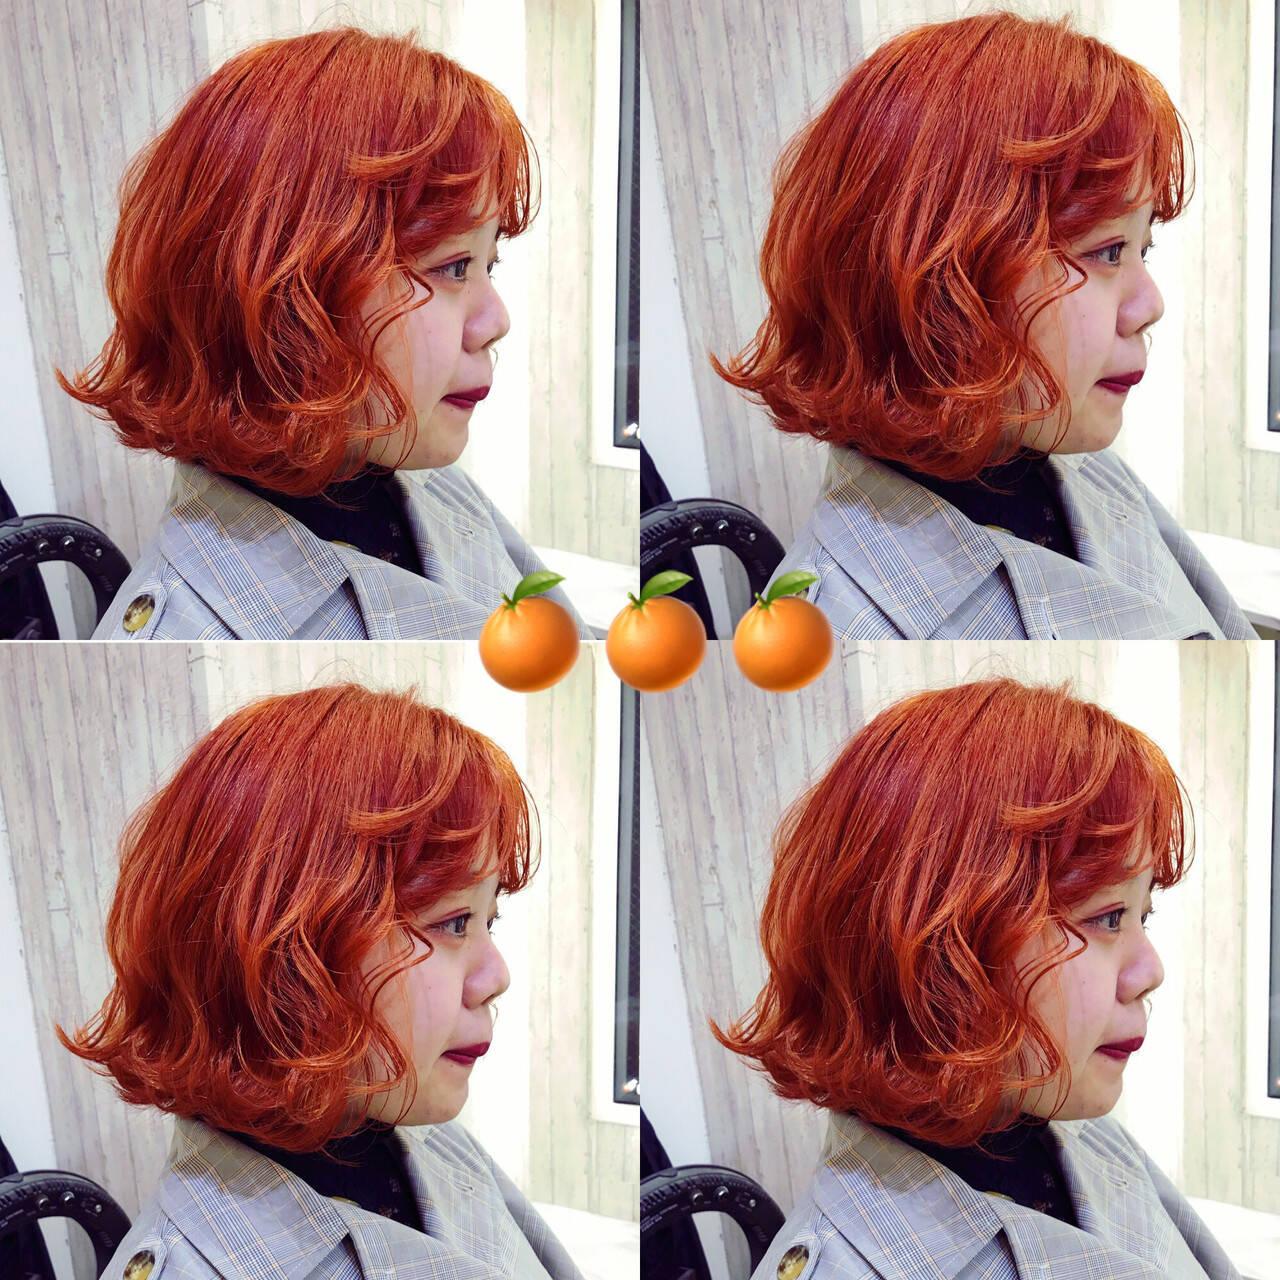 ナチュラル オレンジ ダブルカラー ショートヘアヘアスタイルや髪型の写真・画像